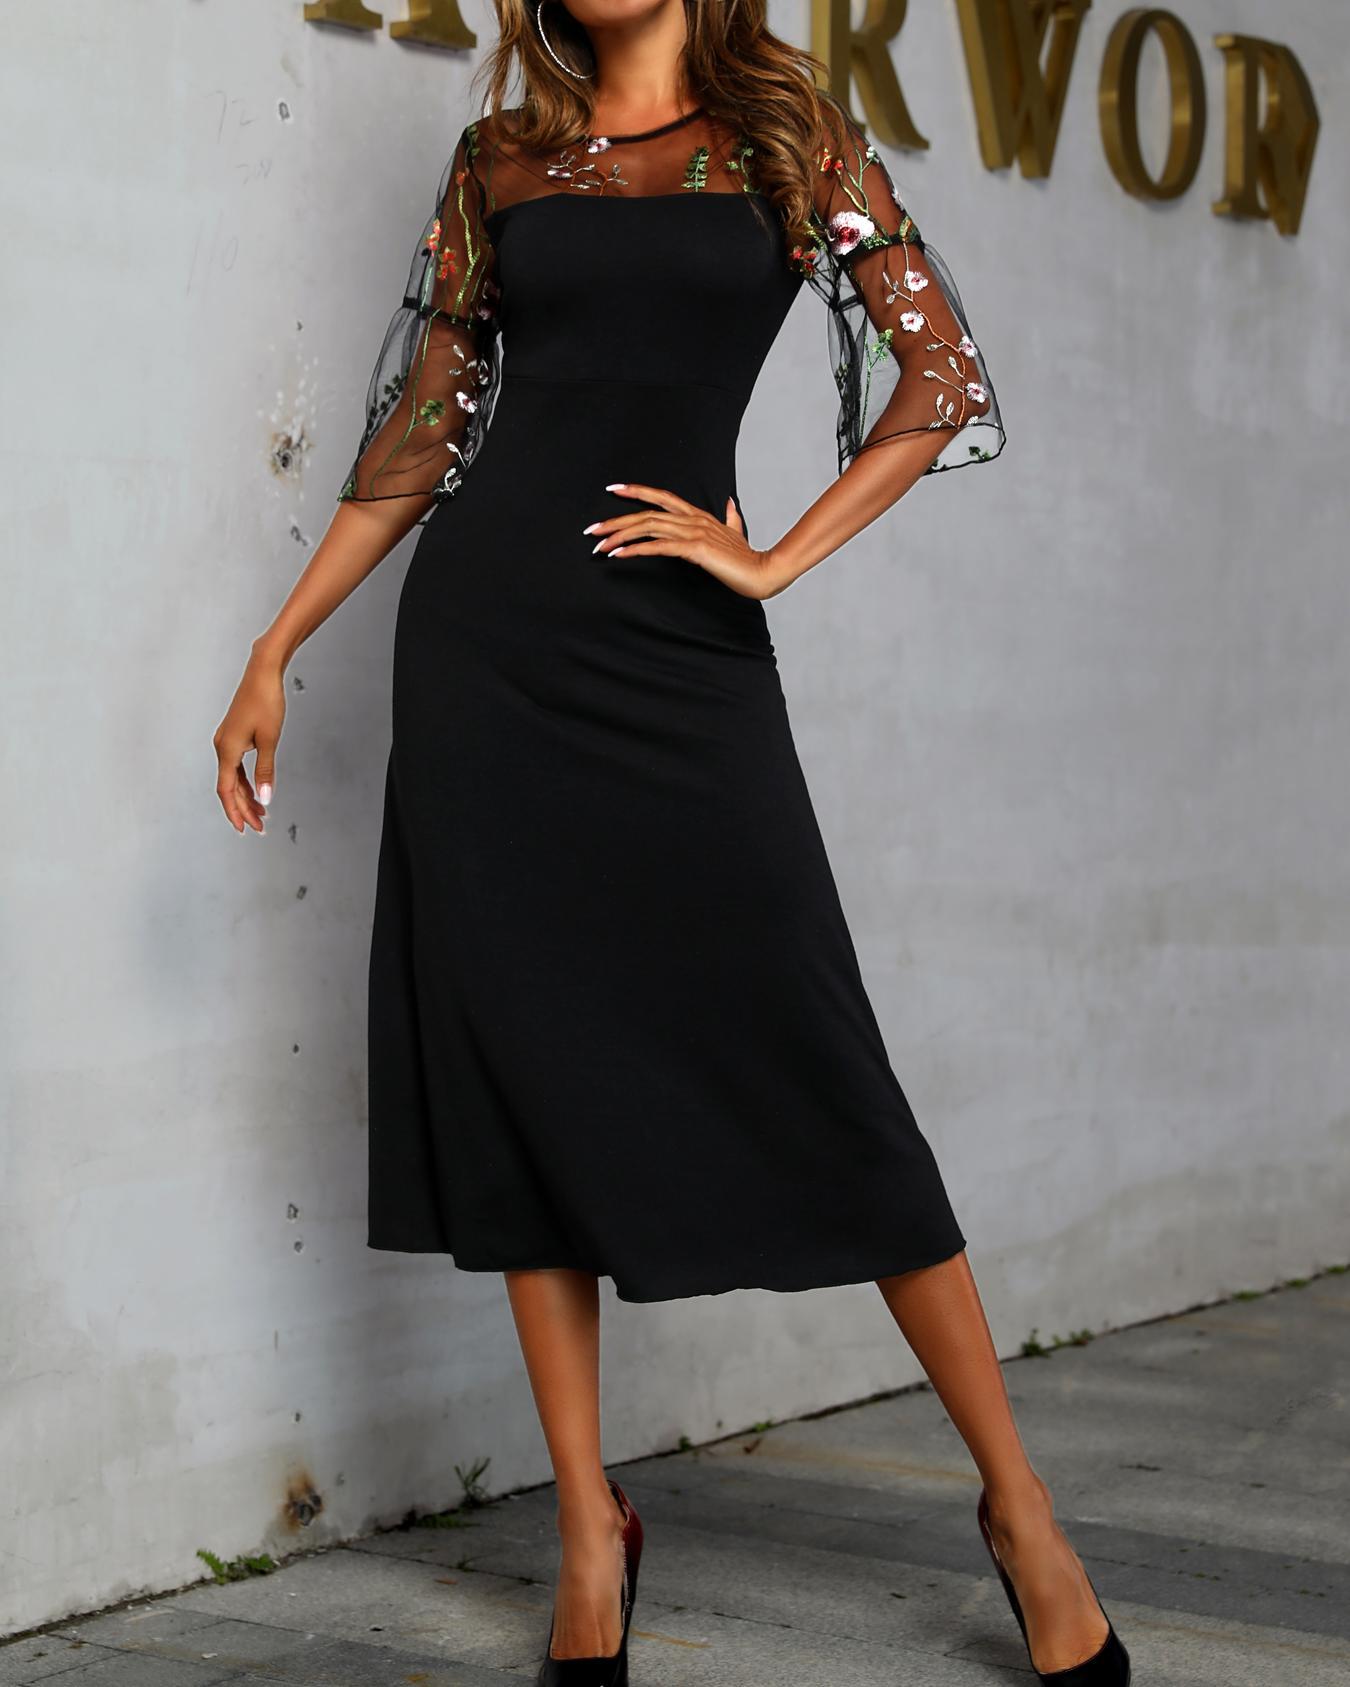 boutiquefeel / Vestido de bordado floral de yugo de malla transparente